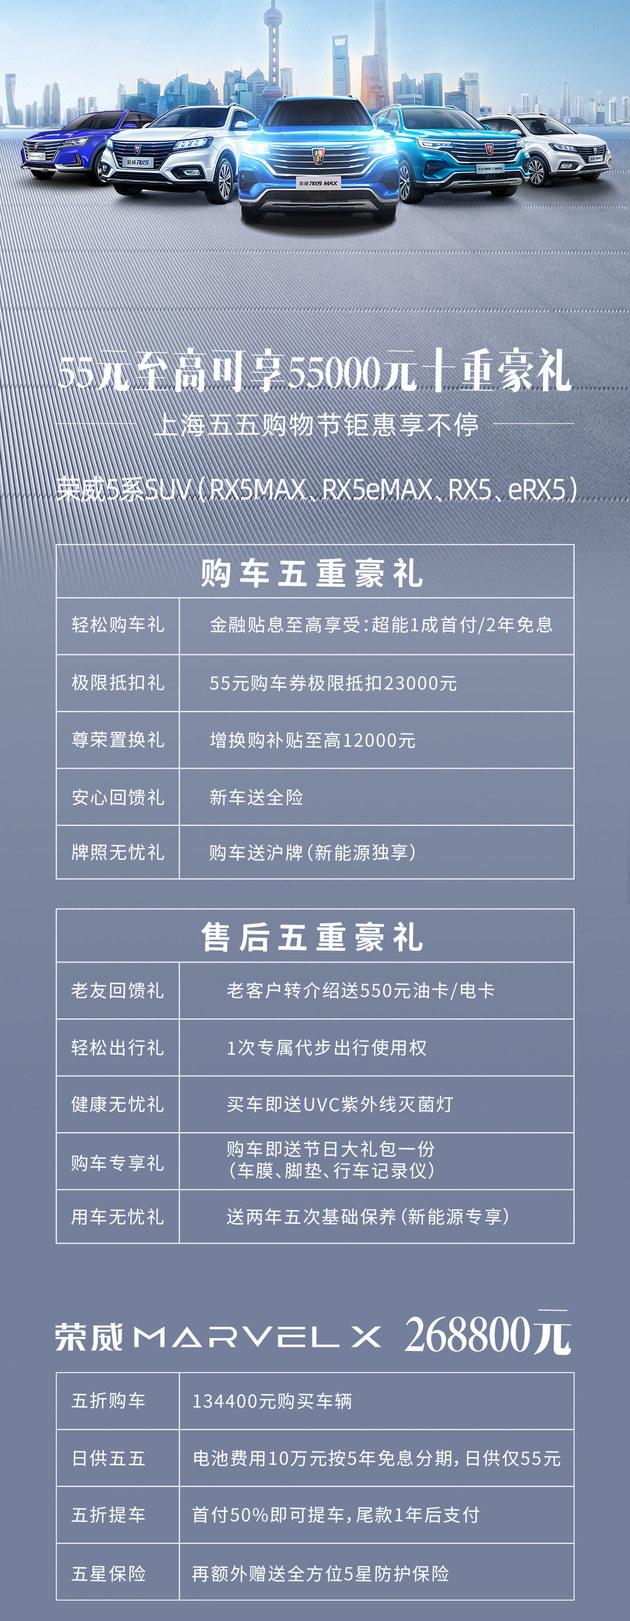 荣威RX5 PLUS开启预售 12.28-13.98万